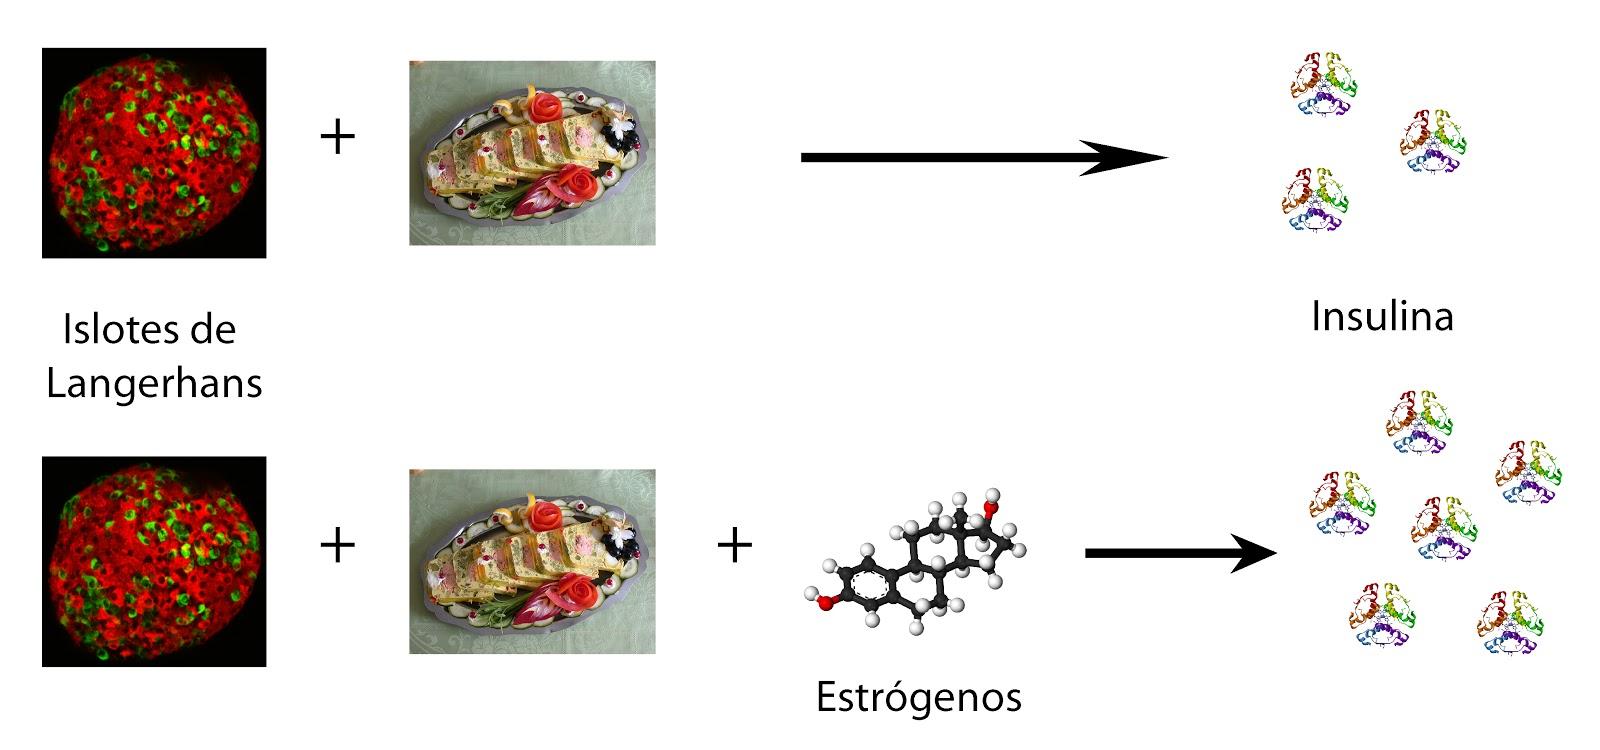 Los estrógenos potencian la respuesta del islote pancreático a nutrientes que producen secreción de insulina